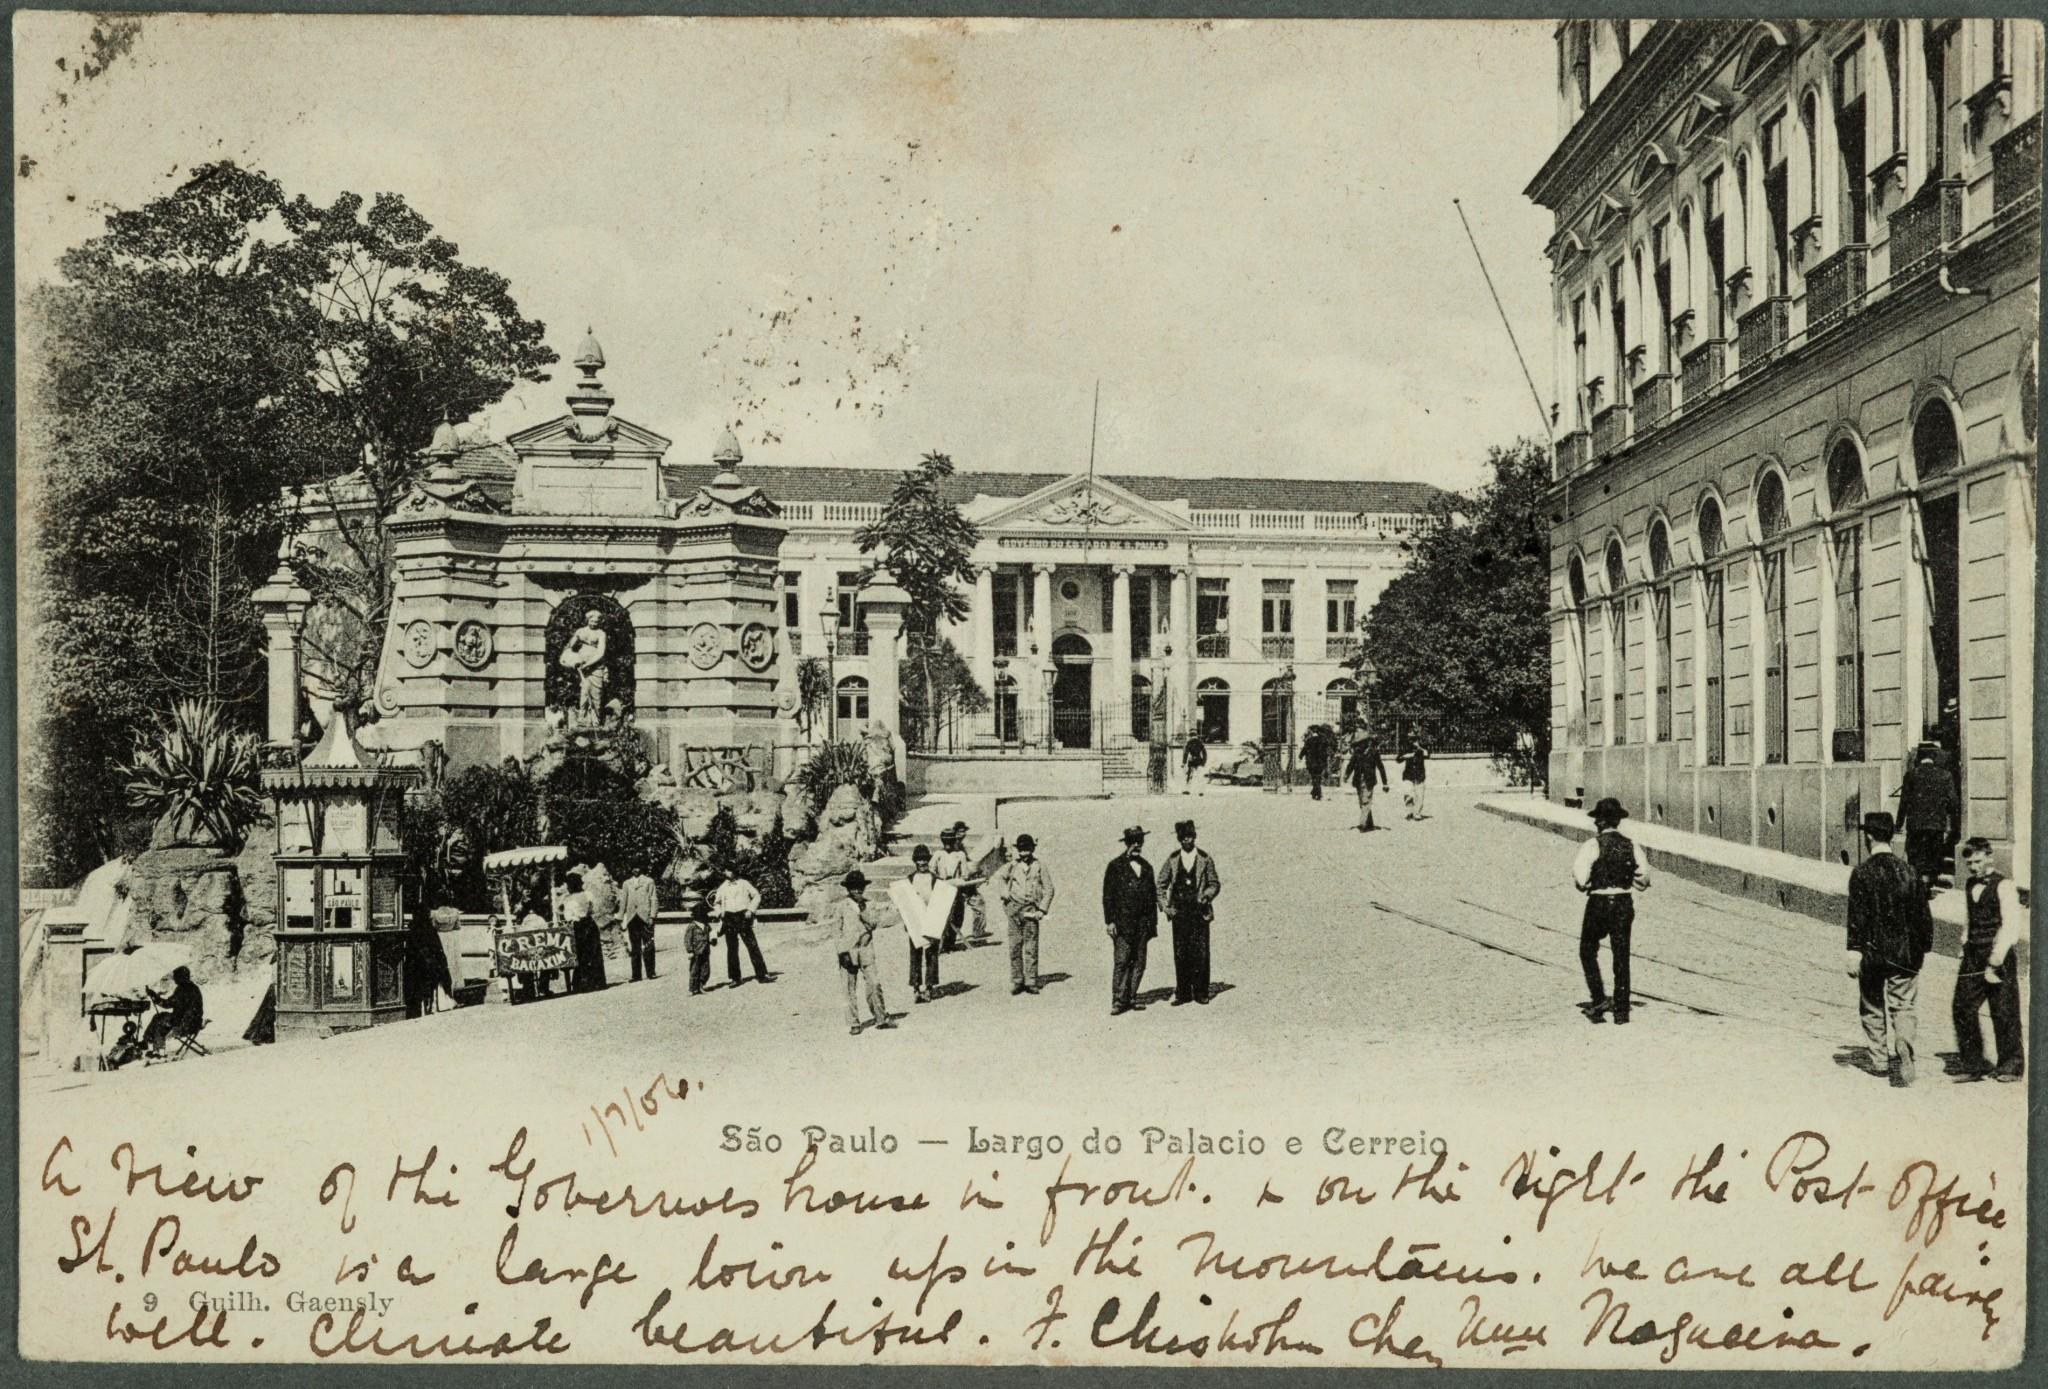 Largo do Palacio